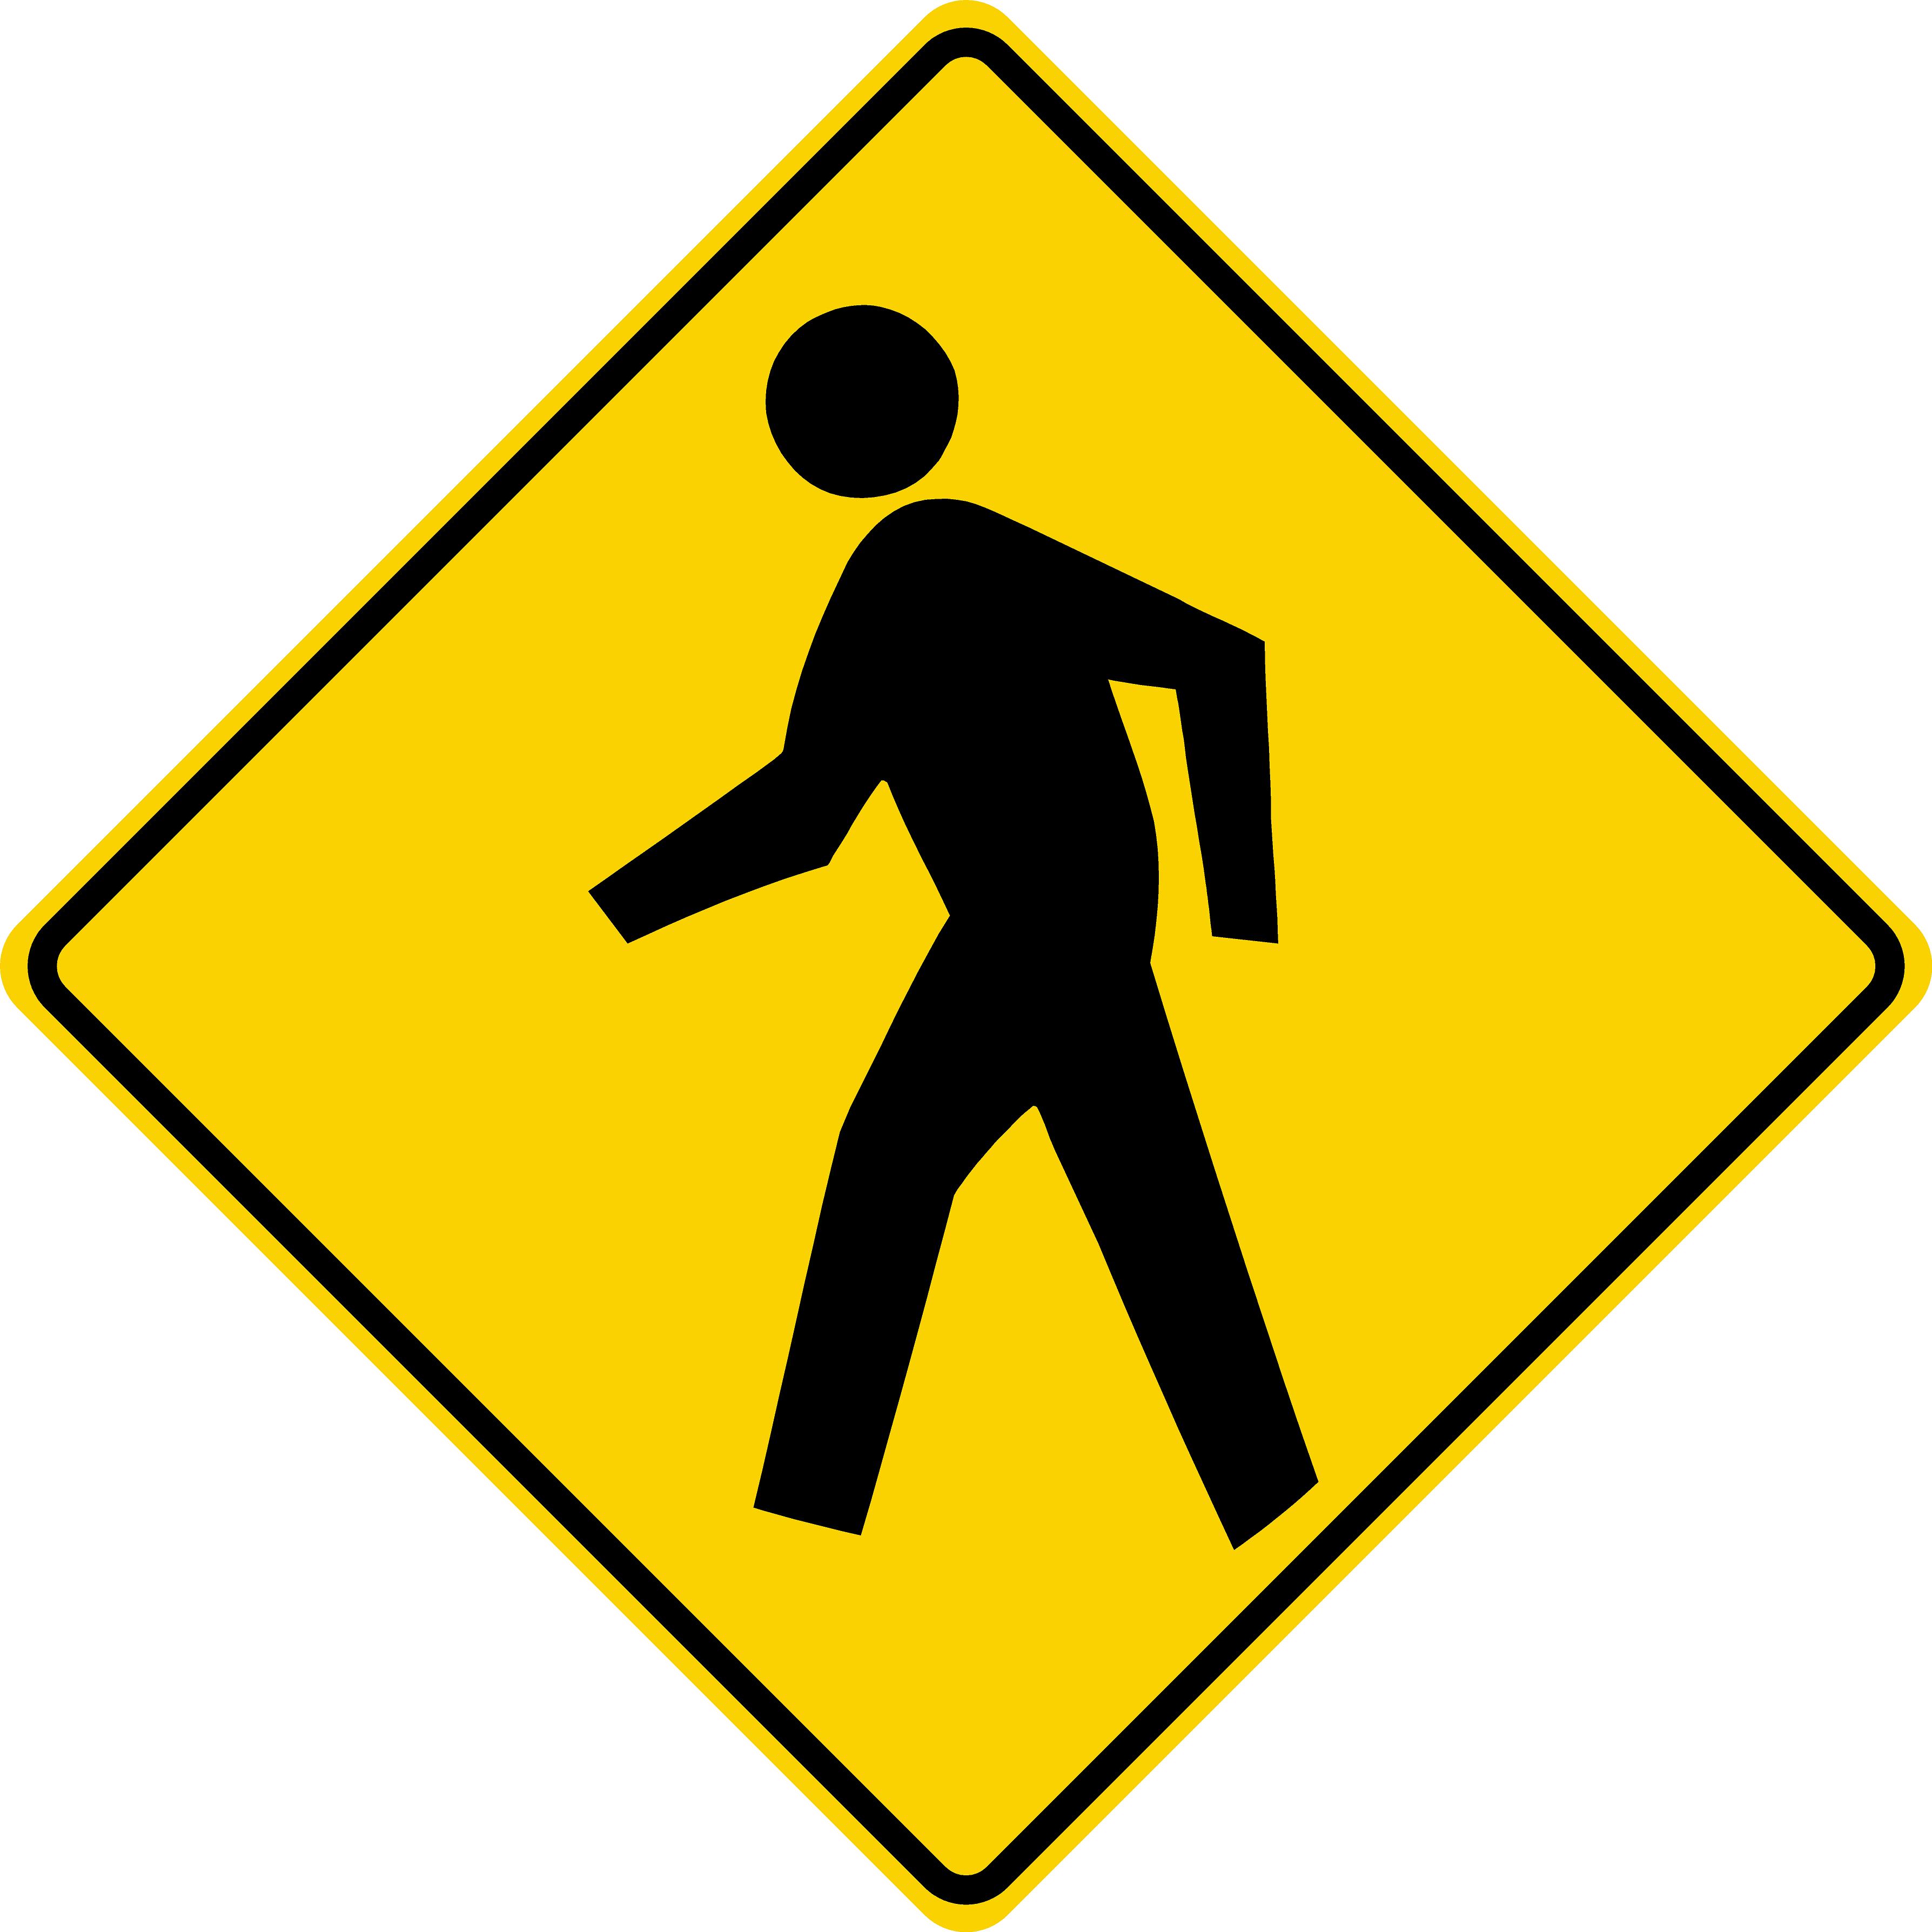 Pedestrian Crossing Symbol (W11-2)